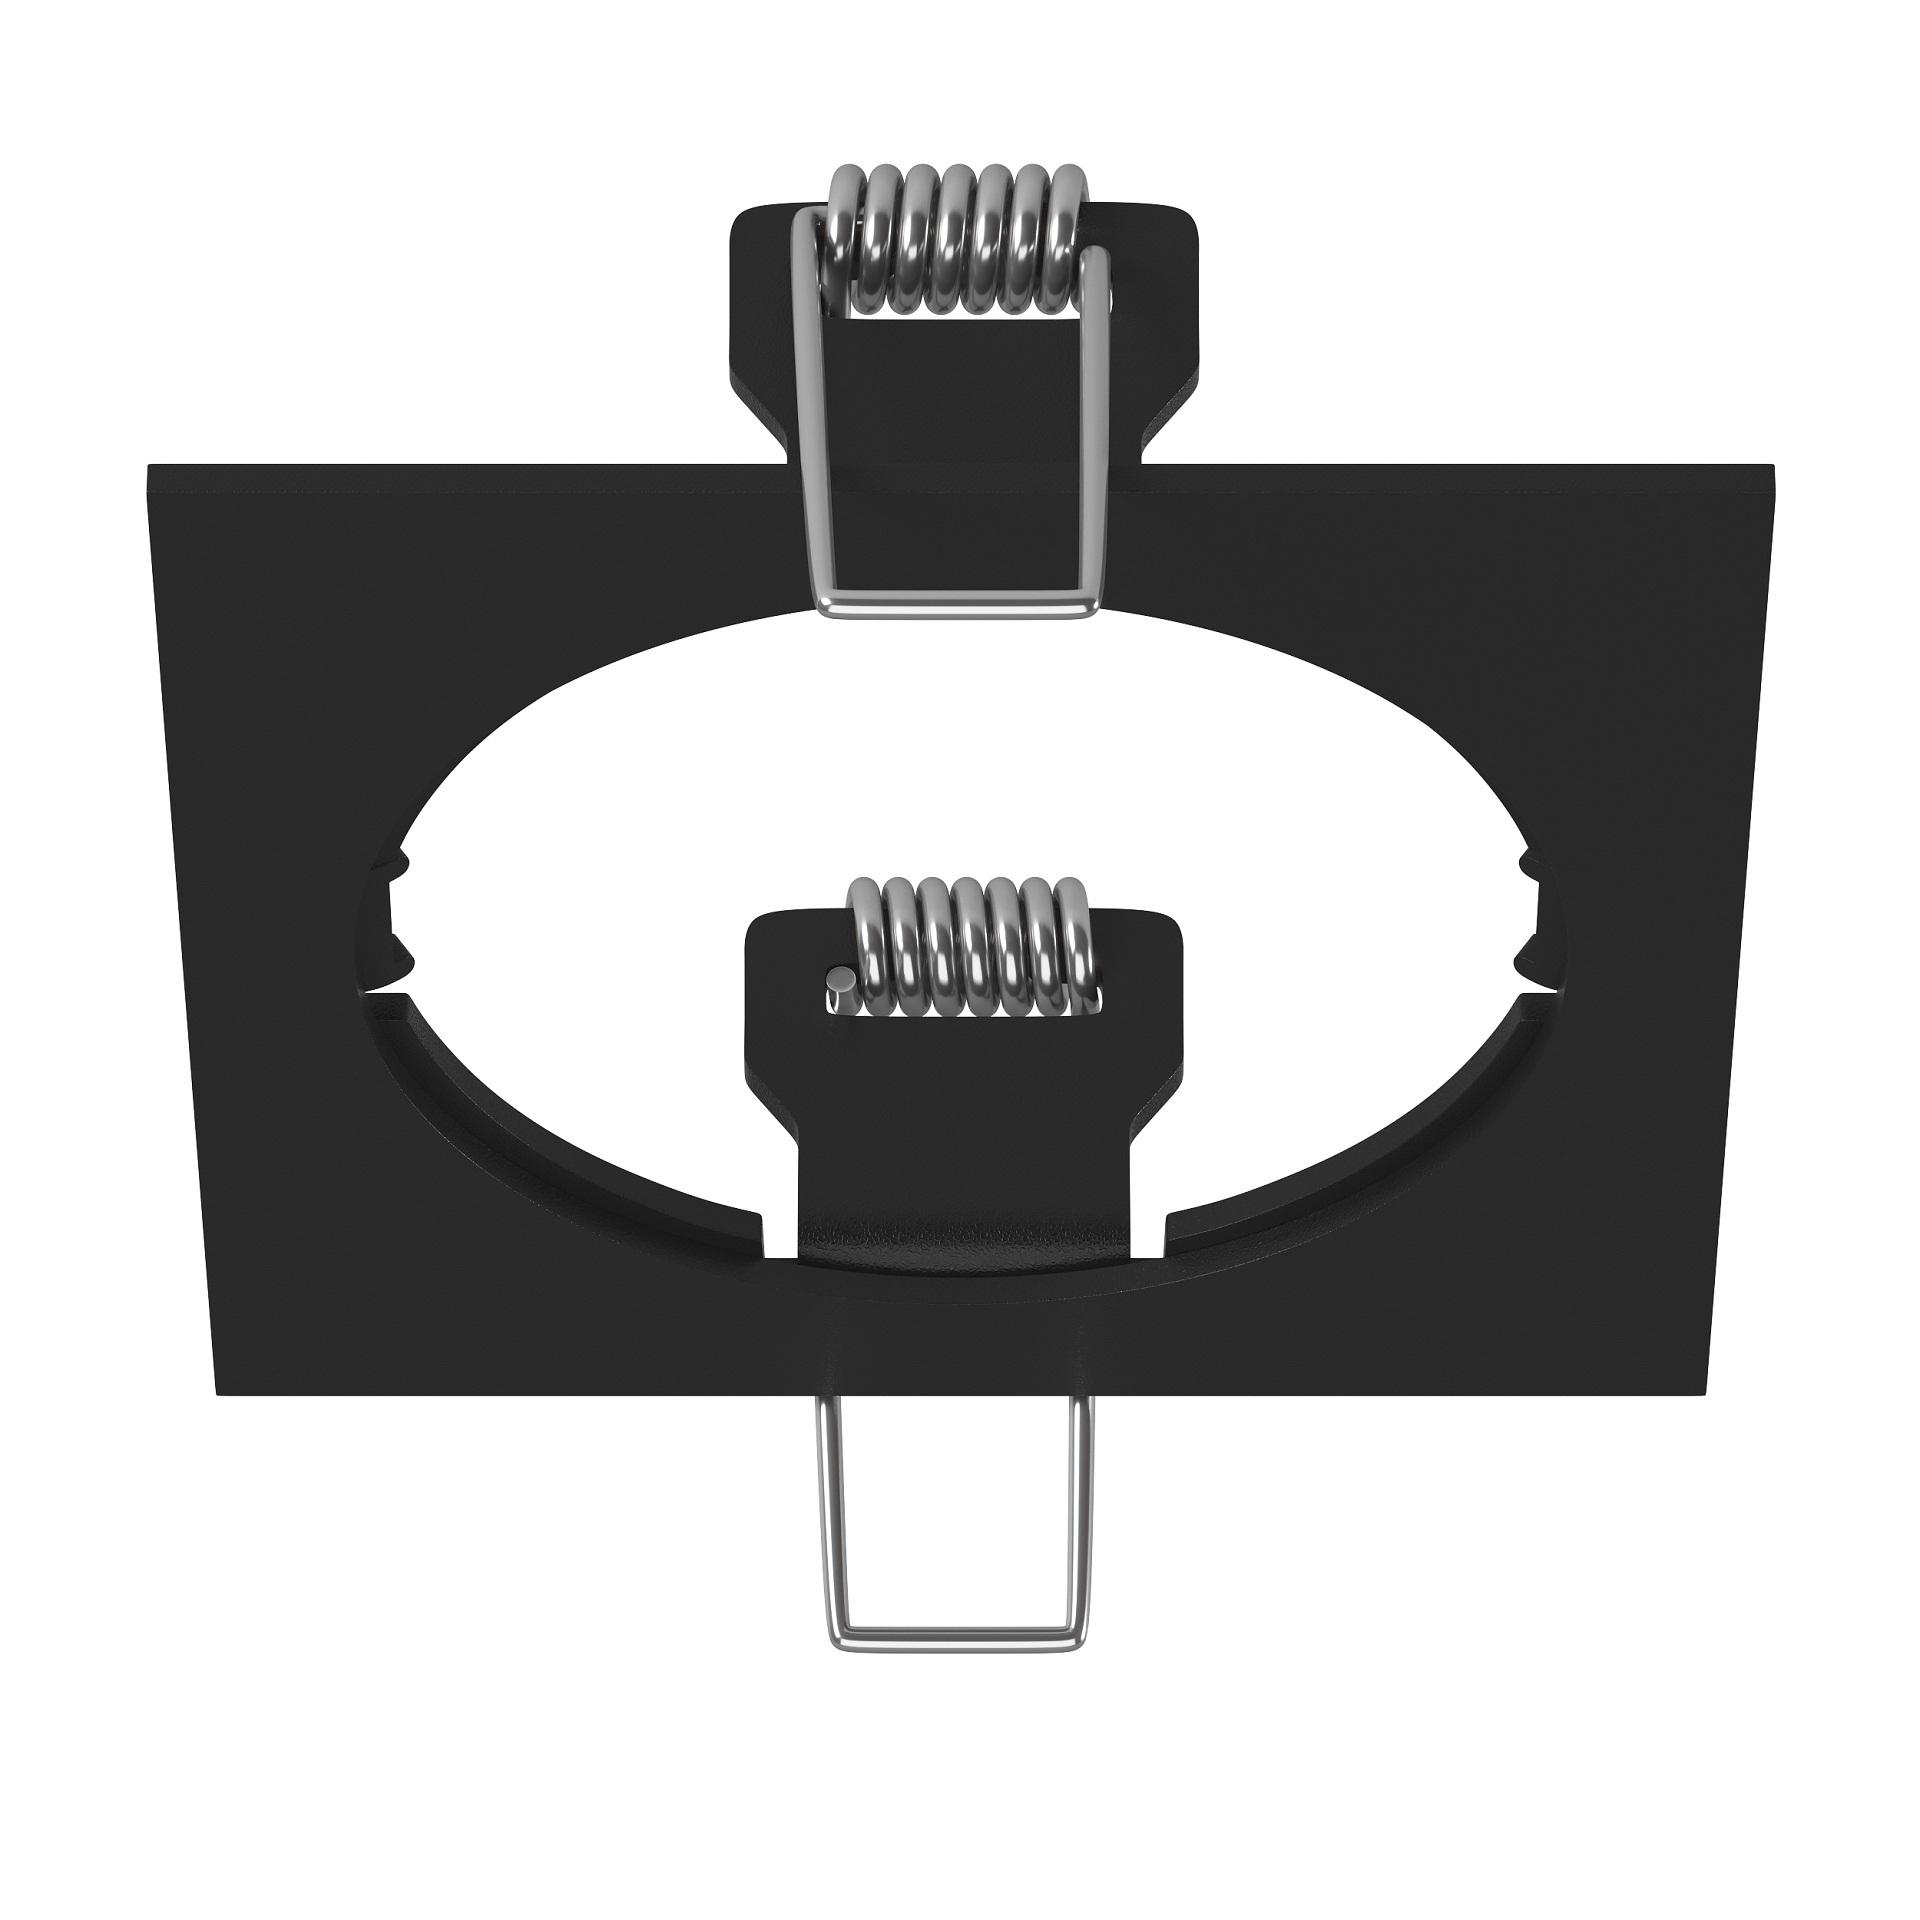 Рамка Intero Lightstar 217517, купить в СПб, Москве, с доставкой, Санкт-Петербург, интернет-магазин люстр и светильников Starlight, фото в жизни